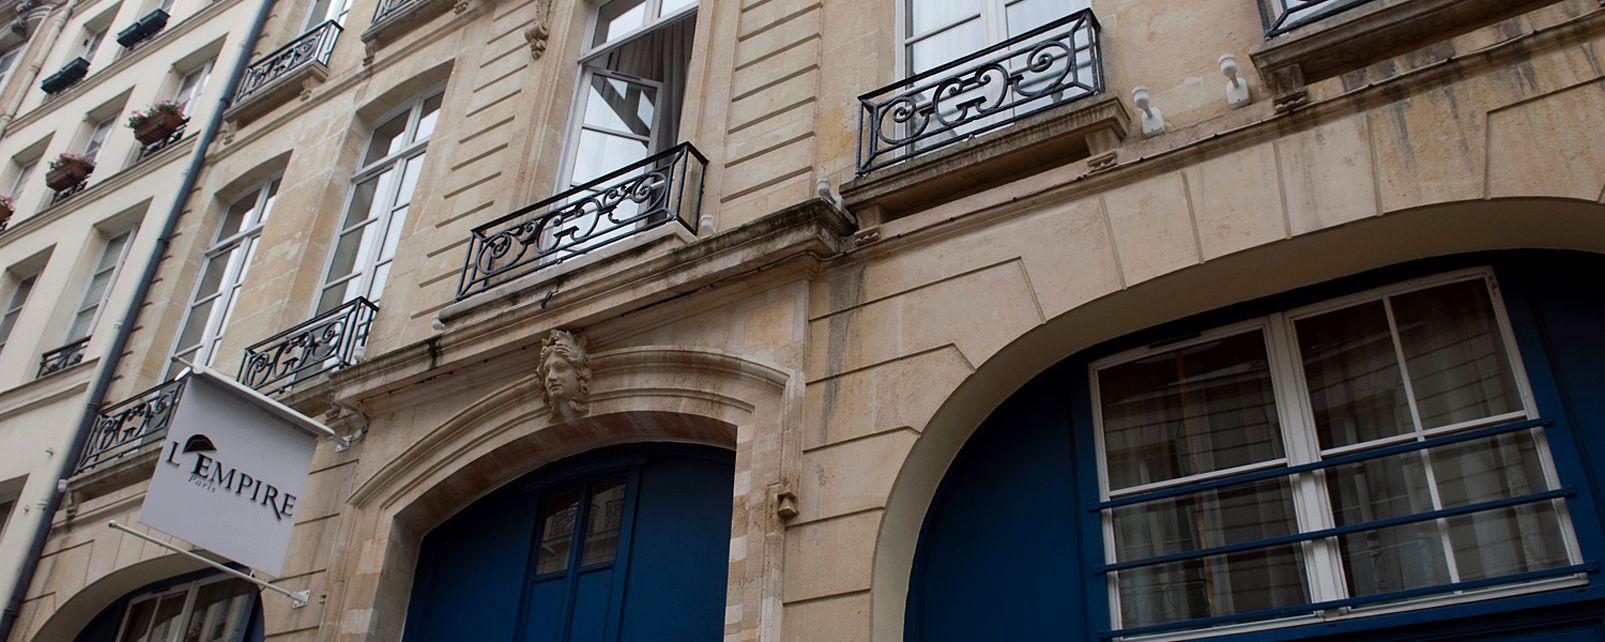 Hotel L'Empire Paris